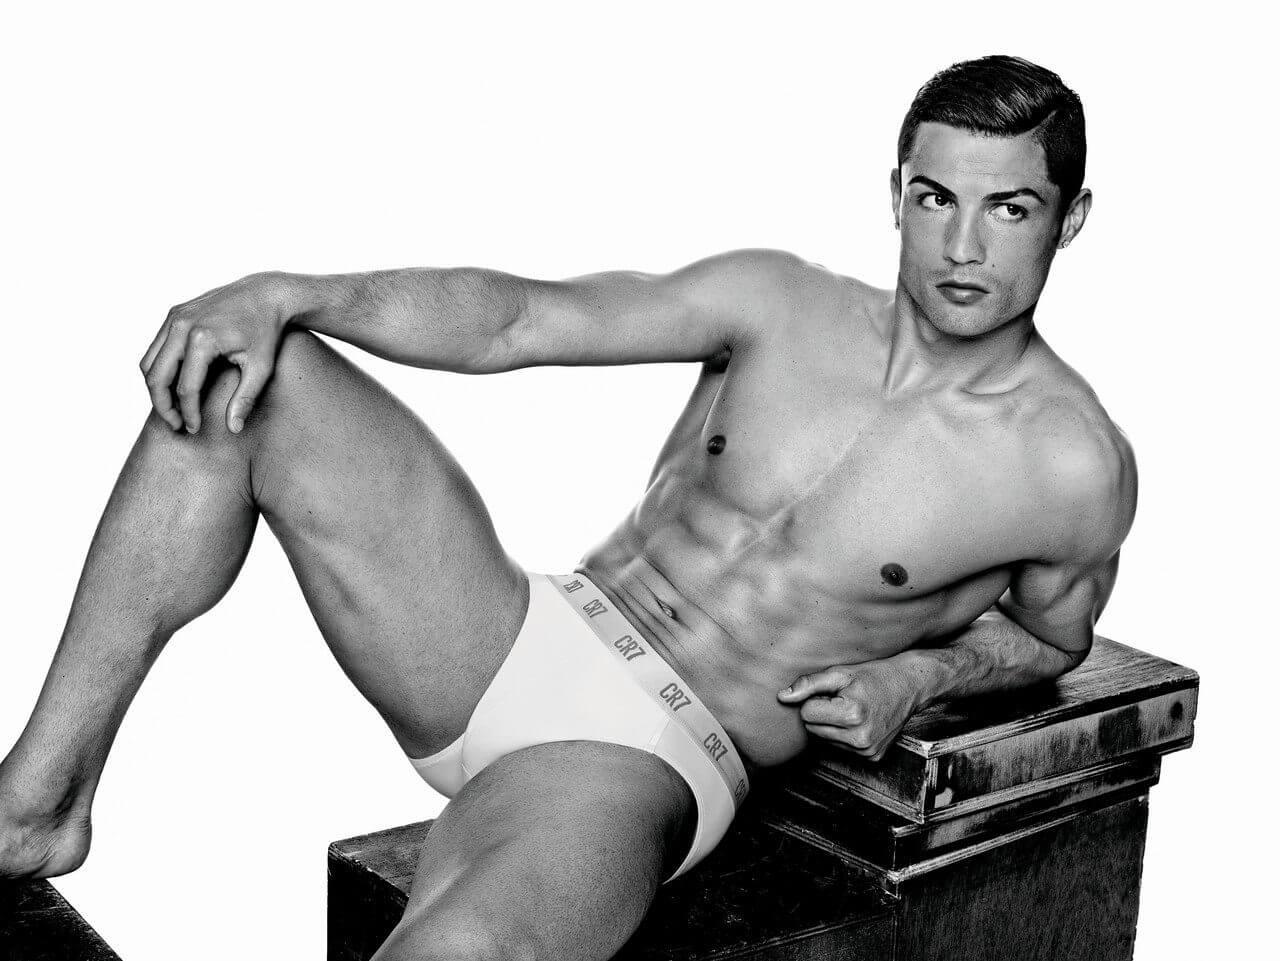 Cristiano Ronaldo nella nuova campagna pubblicitaria della sua linea di intimo